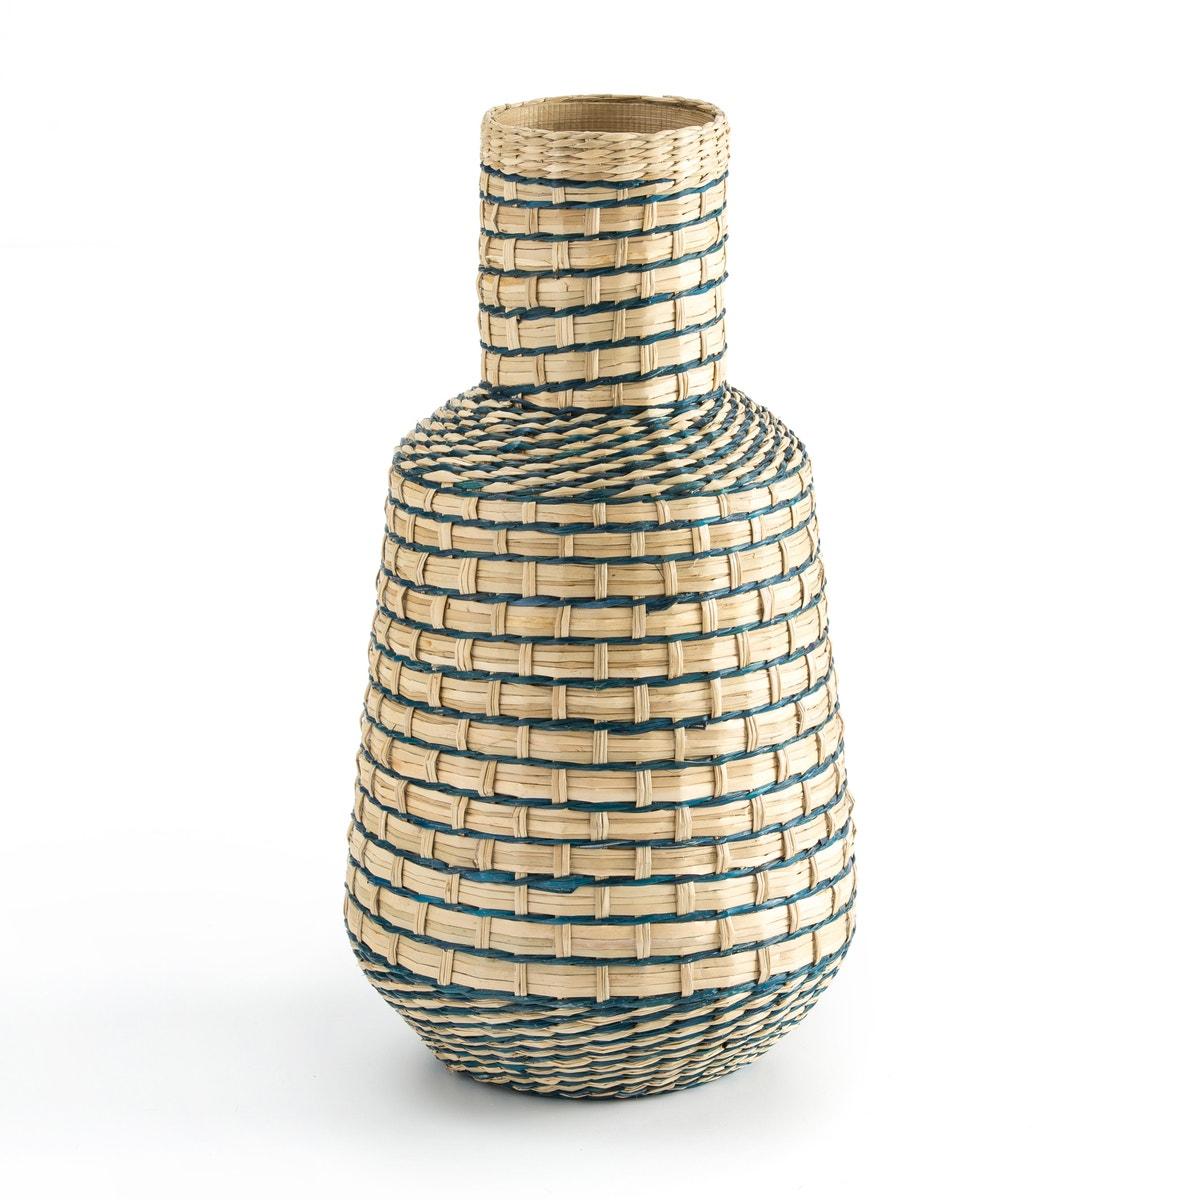 Jarrón de bambú al. 42 cm, Plooming